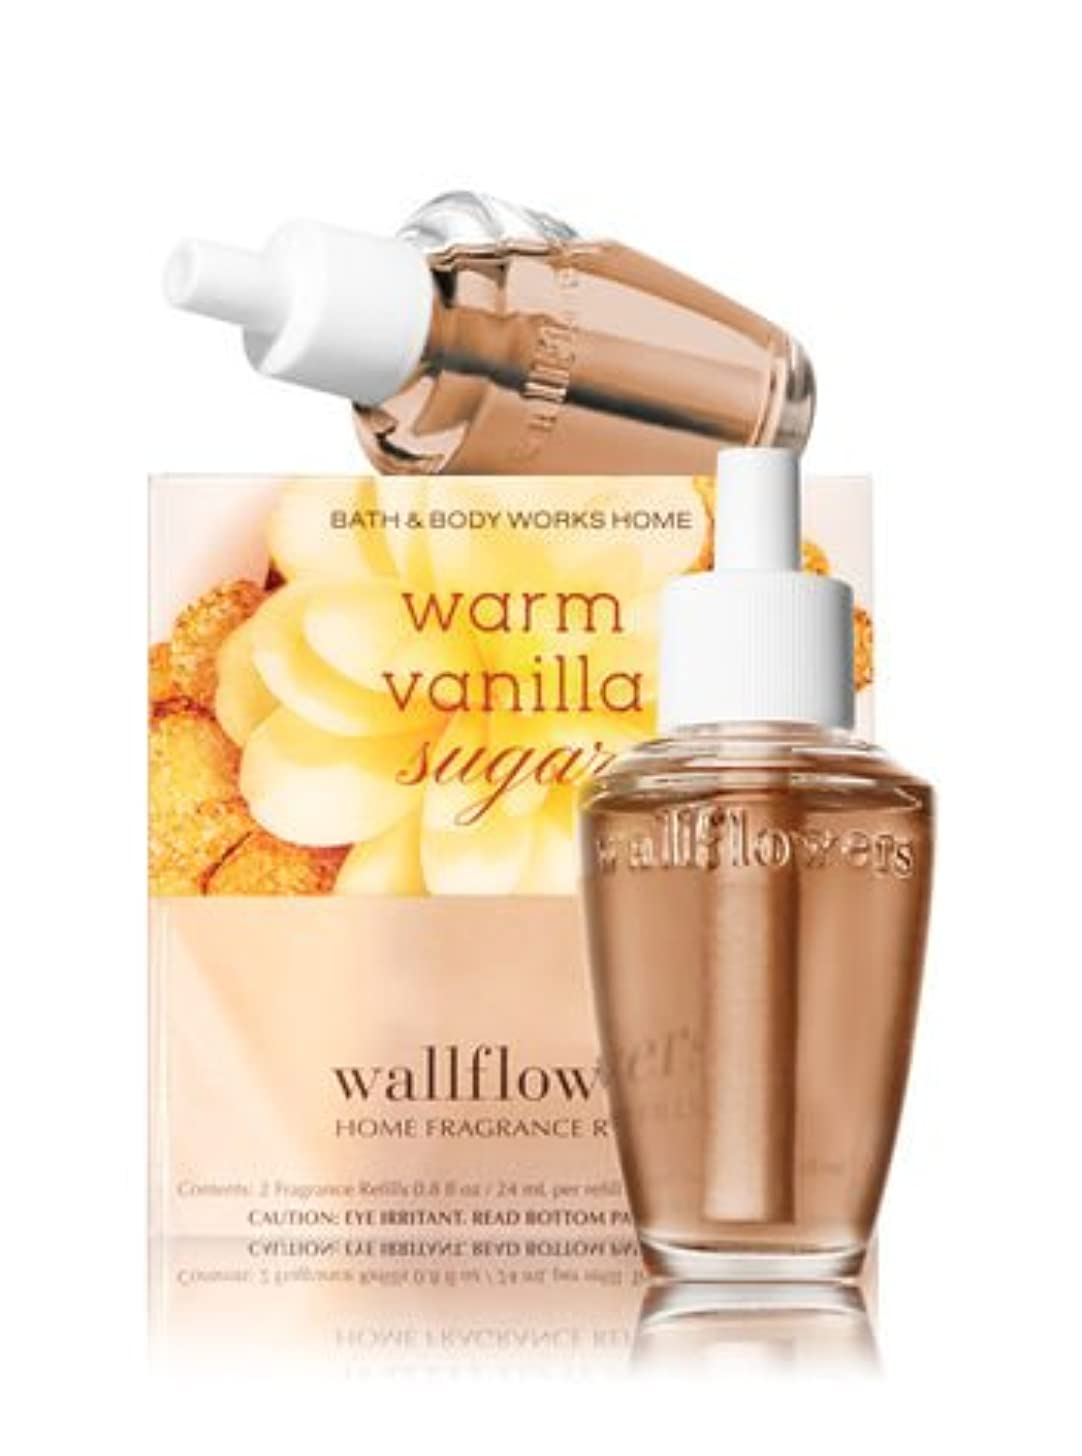 対抗ブローホール自転車【Bath&Body Works/バス&ボディワークス】 ルームフレグランス 詰替えリフィル(2個入り) ウォームバニラシュガー Wallflowers Home Fragrance 2-Pack Refills Warm Vanilla Sugar [並行輸入品]